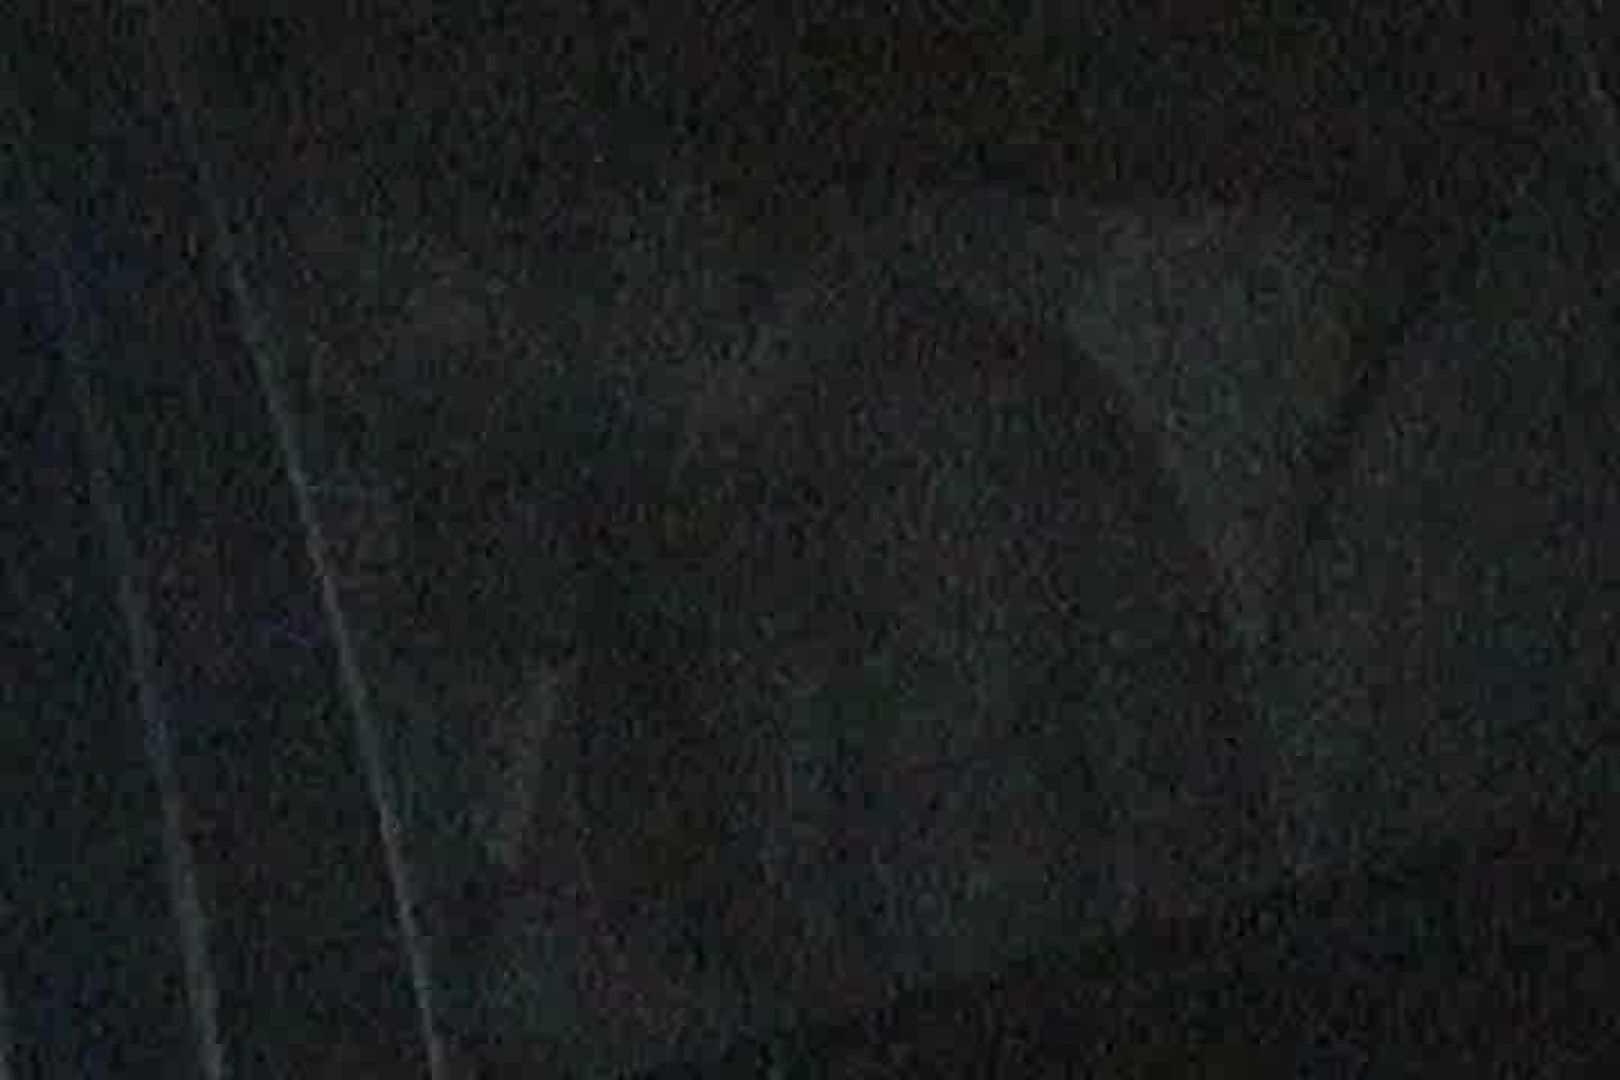 「充血監督」さんの深夜の運動会!! vol.008 カップルのsex オメコ動画キャプチャ 110枚 27